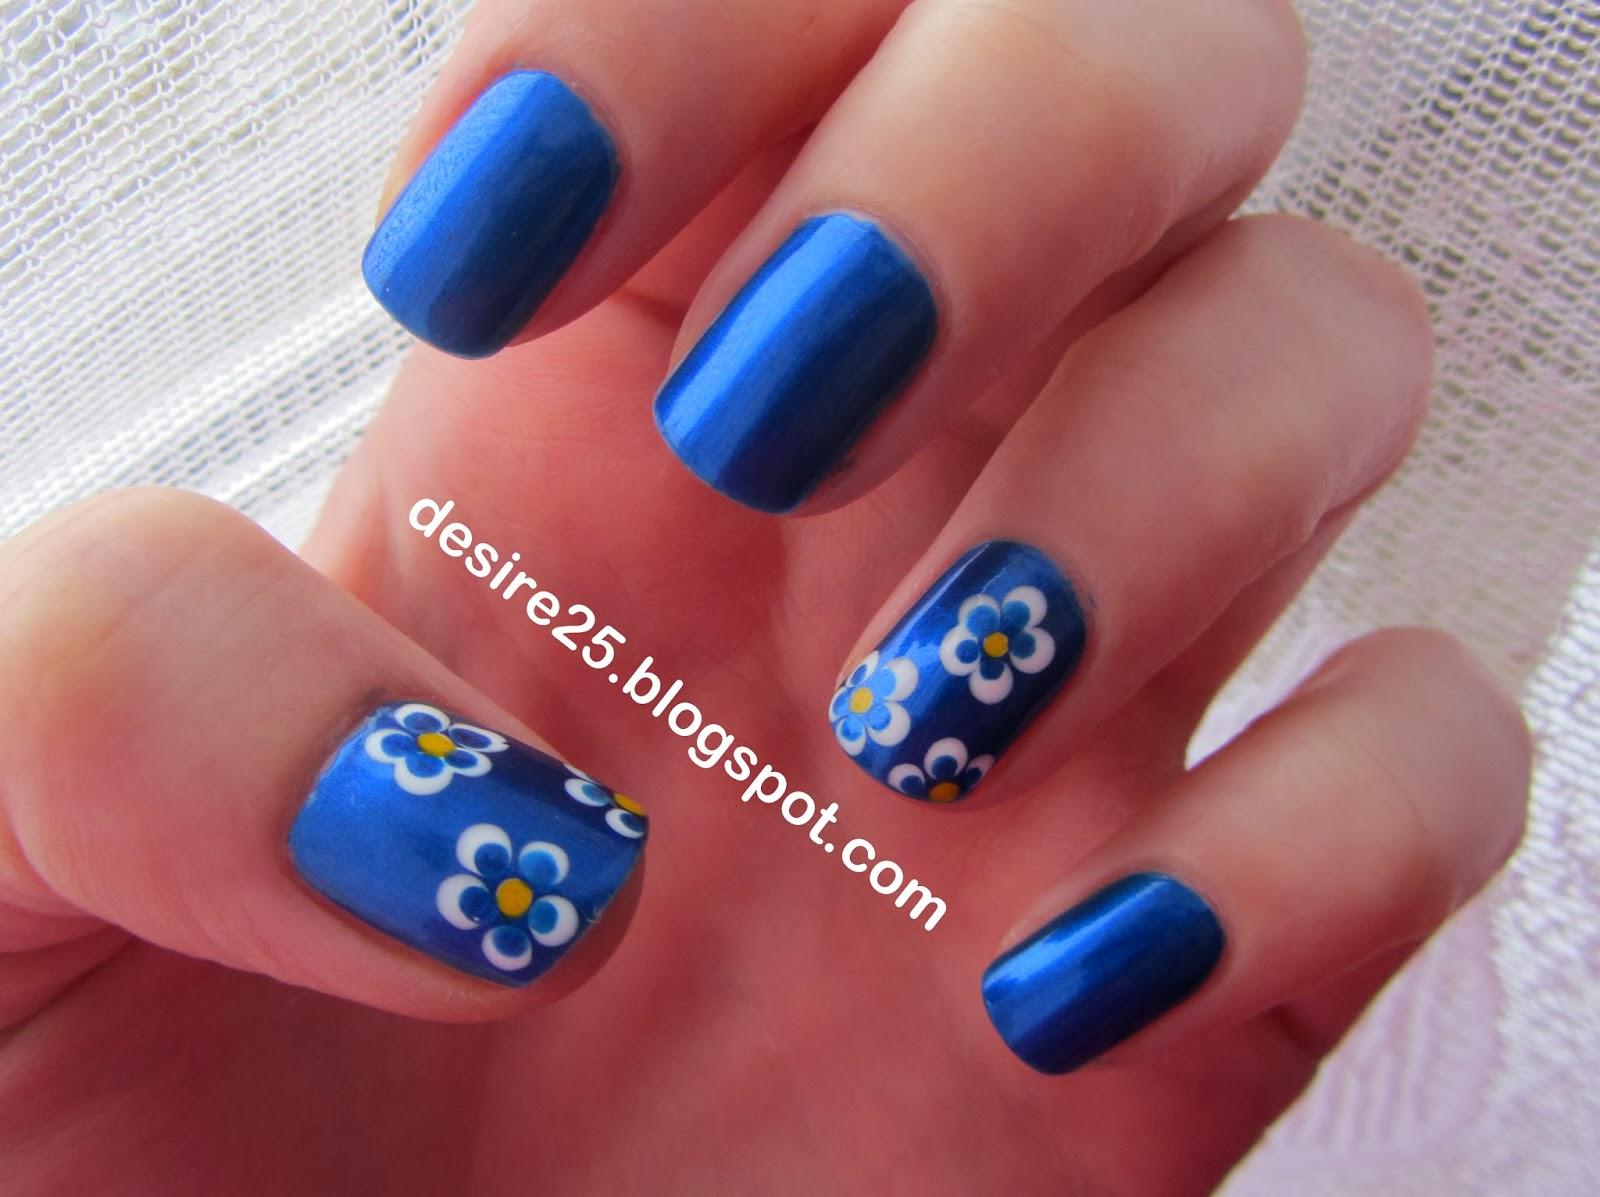 http://desire25.blogspot.com/2014/01/paznokcie-flower-nails-krok-po-kroku.html